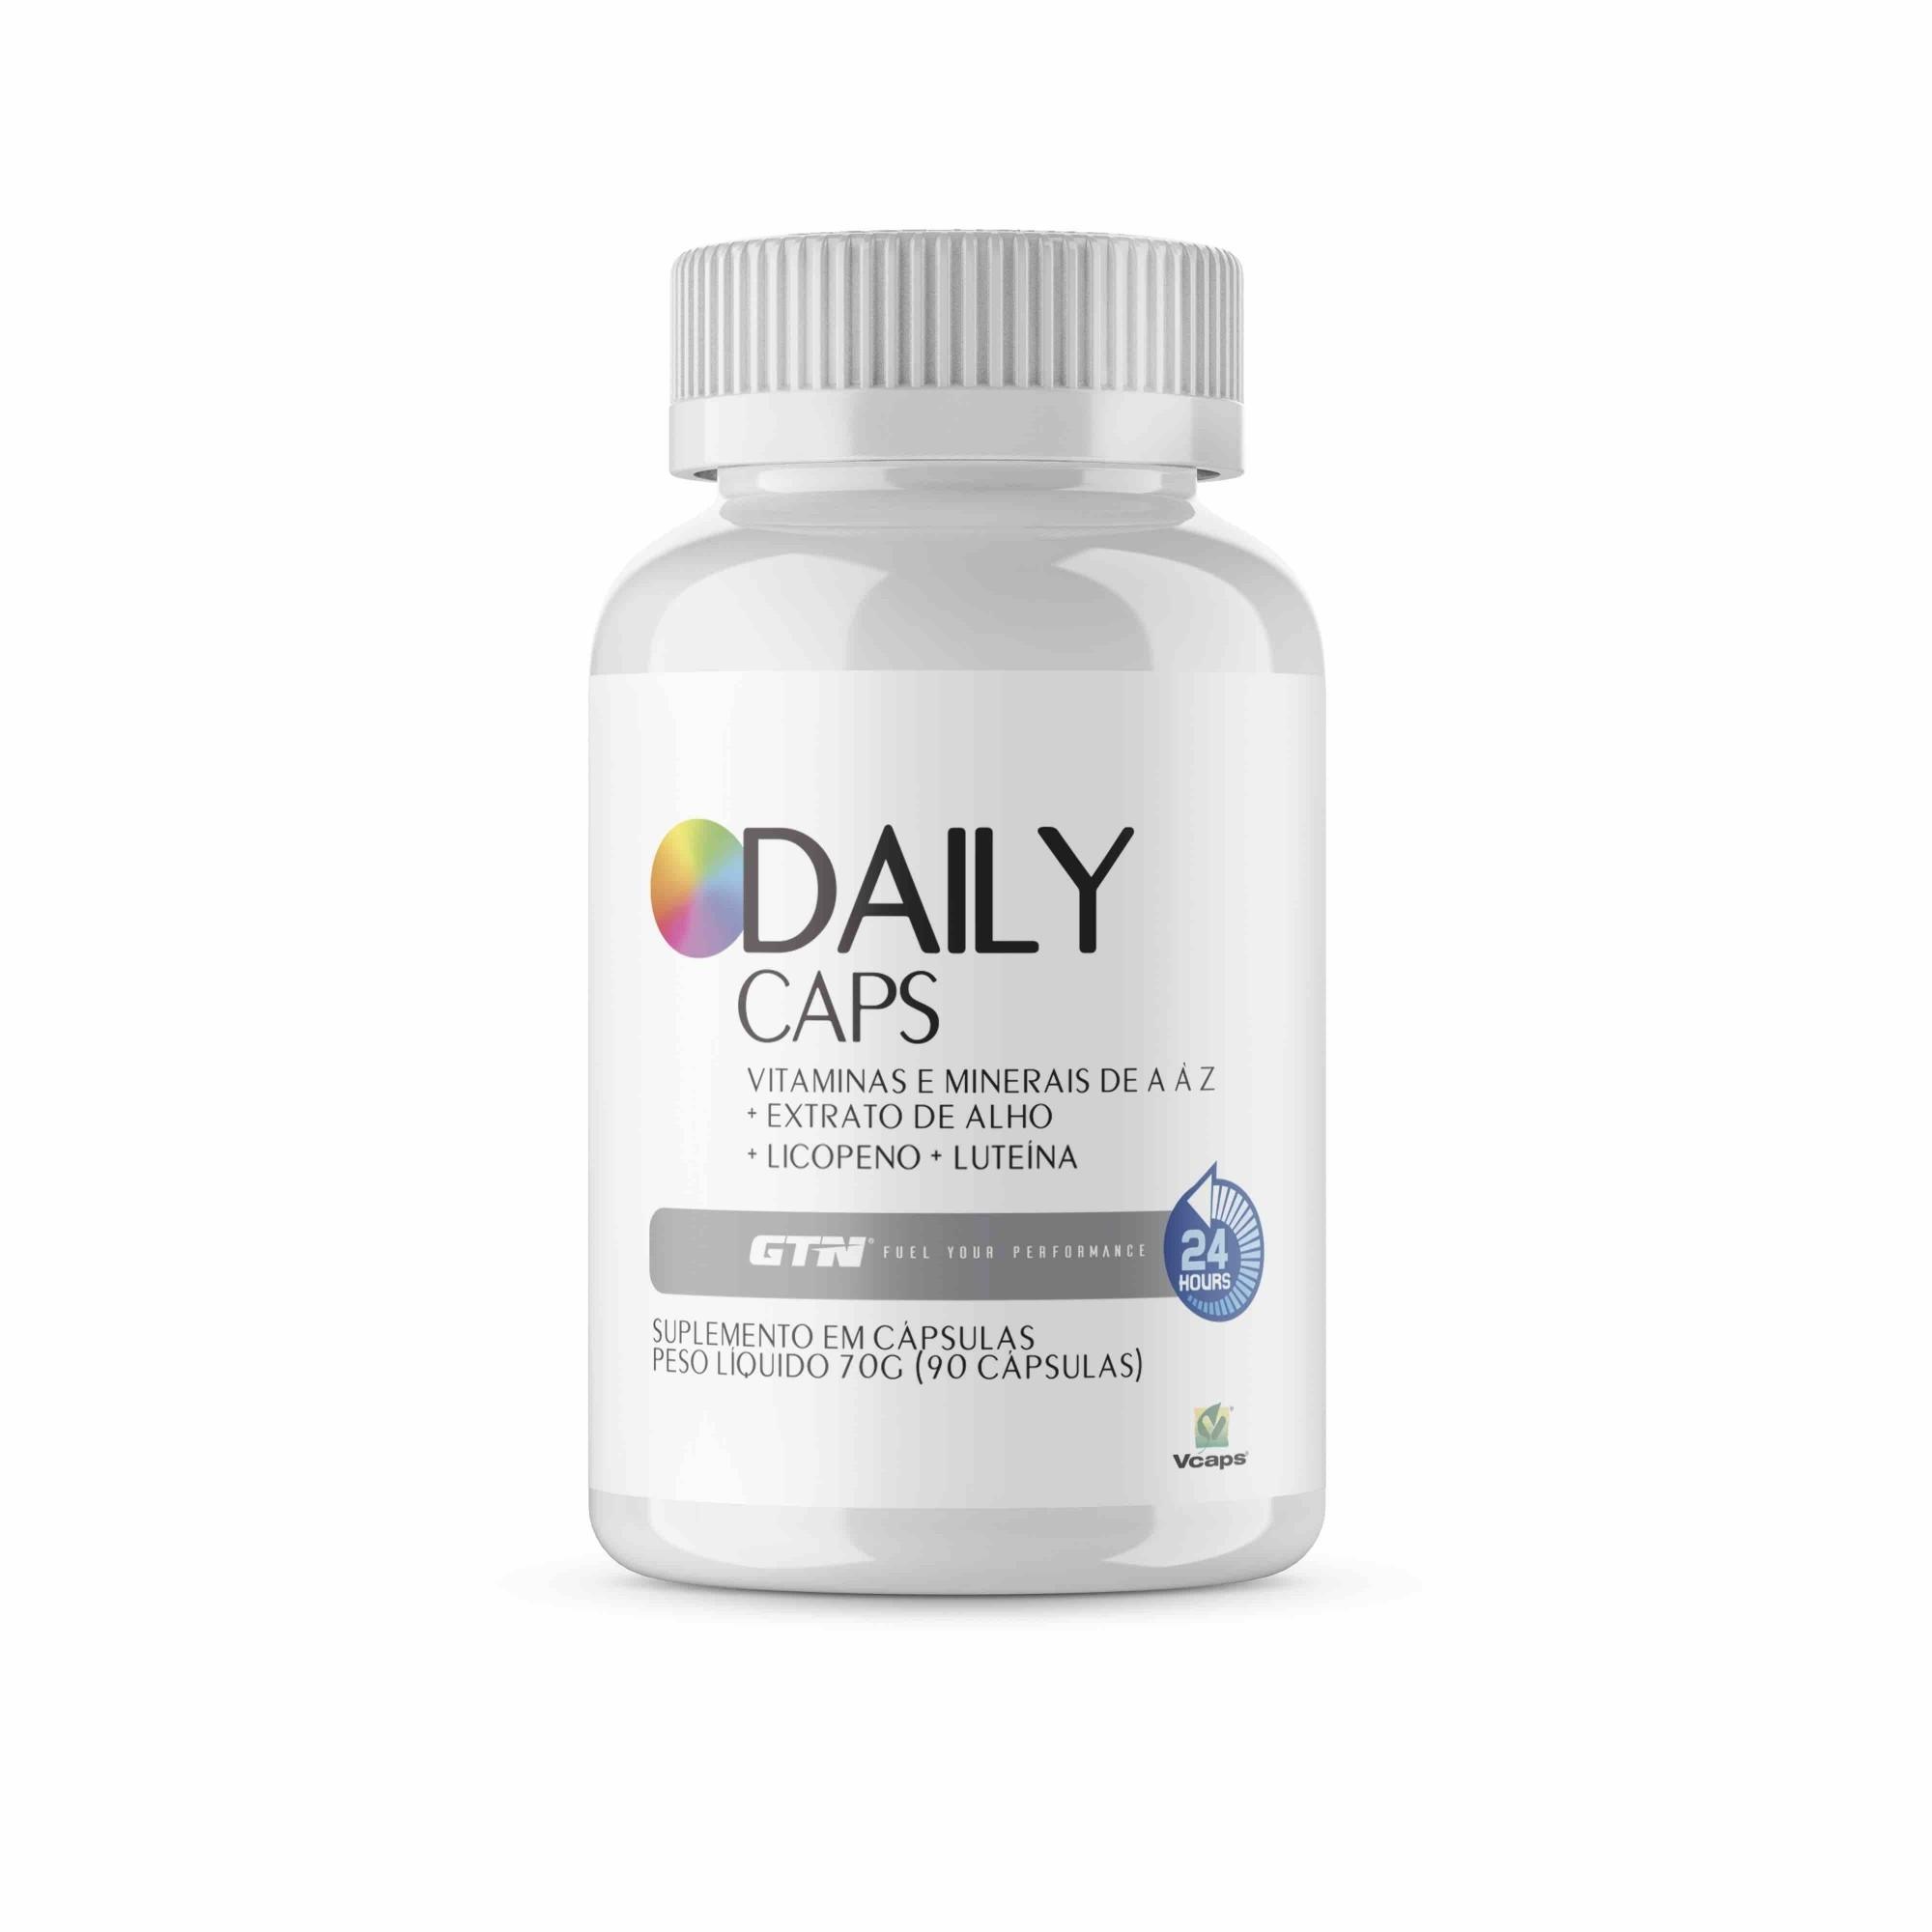 DAILY CAPS - Vitaminas e minerais de A à Z  + Luteína + Alho + Licopeno (90 cápsulas vegetais)